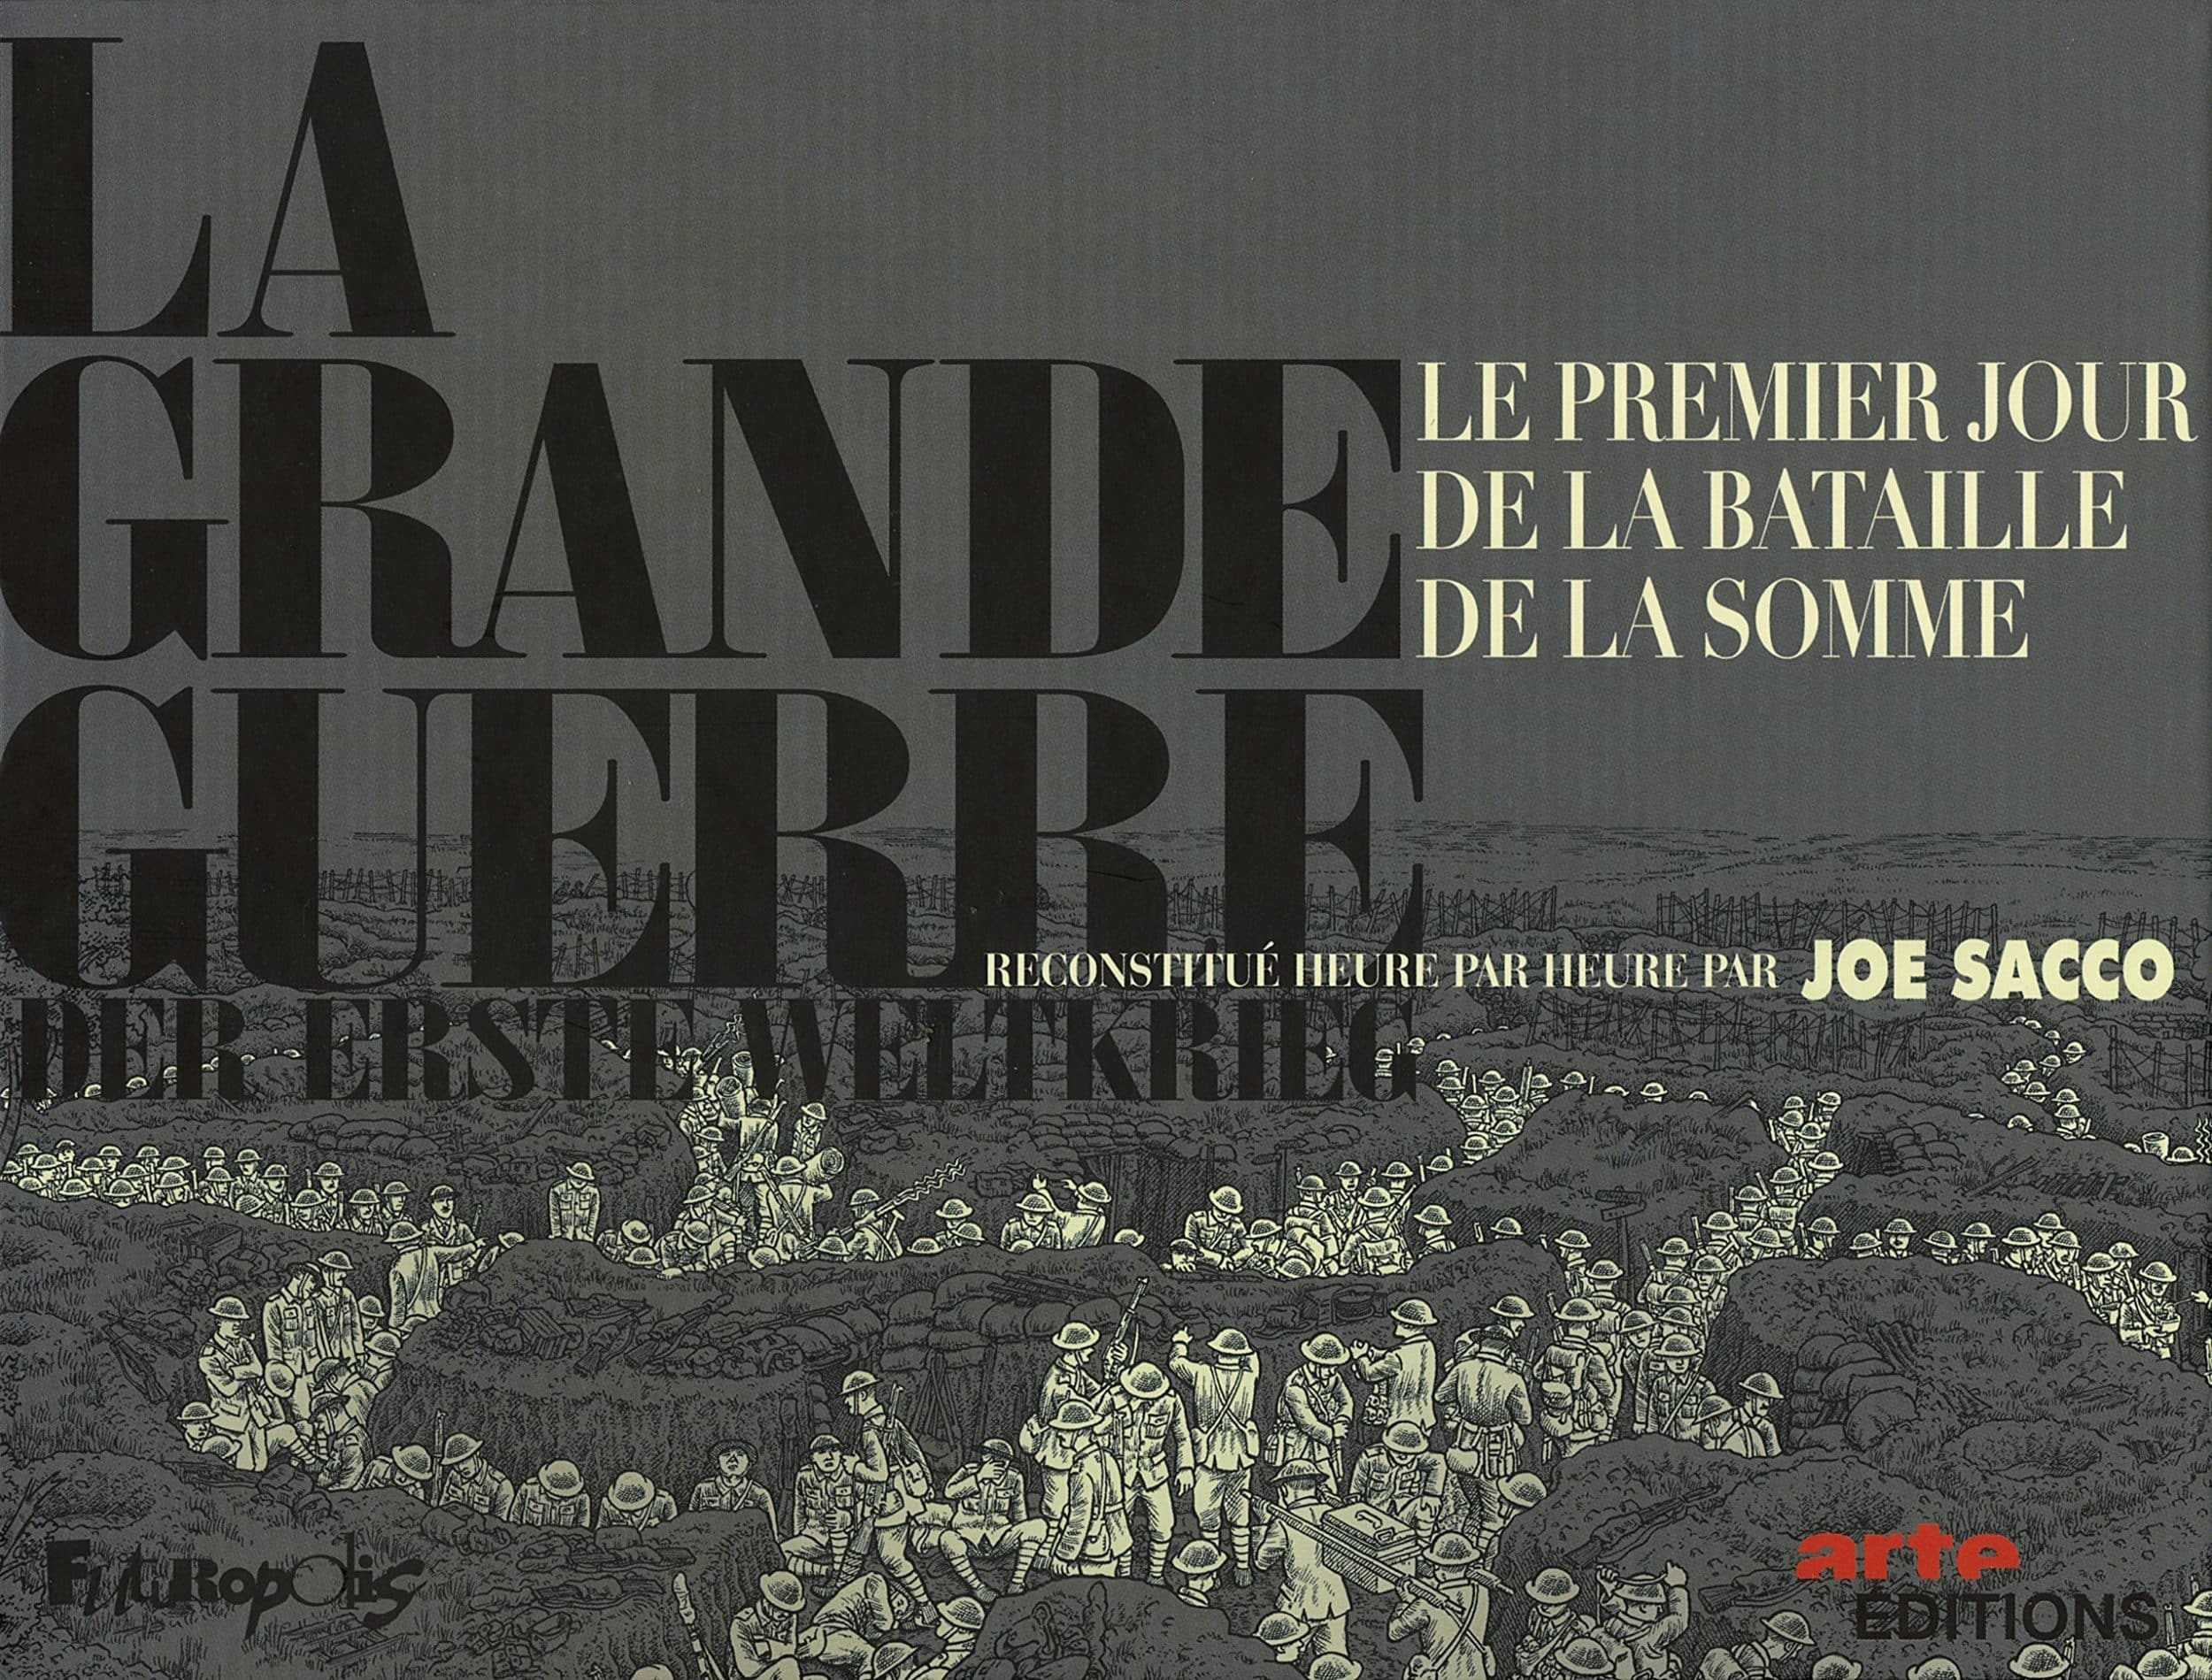 La Grande Guerre, le premier jour de la bataille de la Somme «couvert» par Joe Sacco